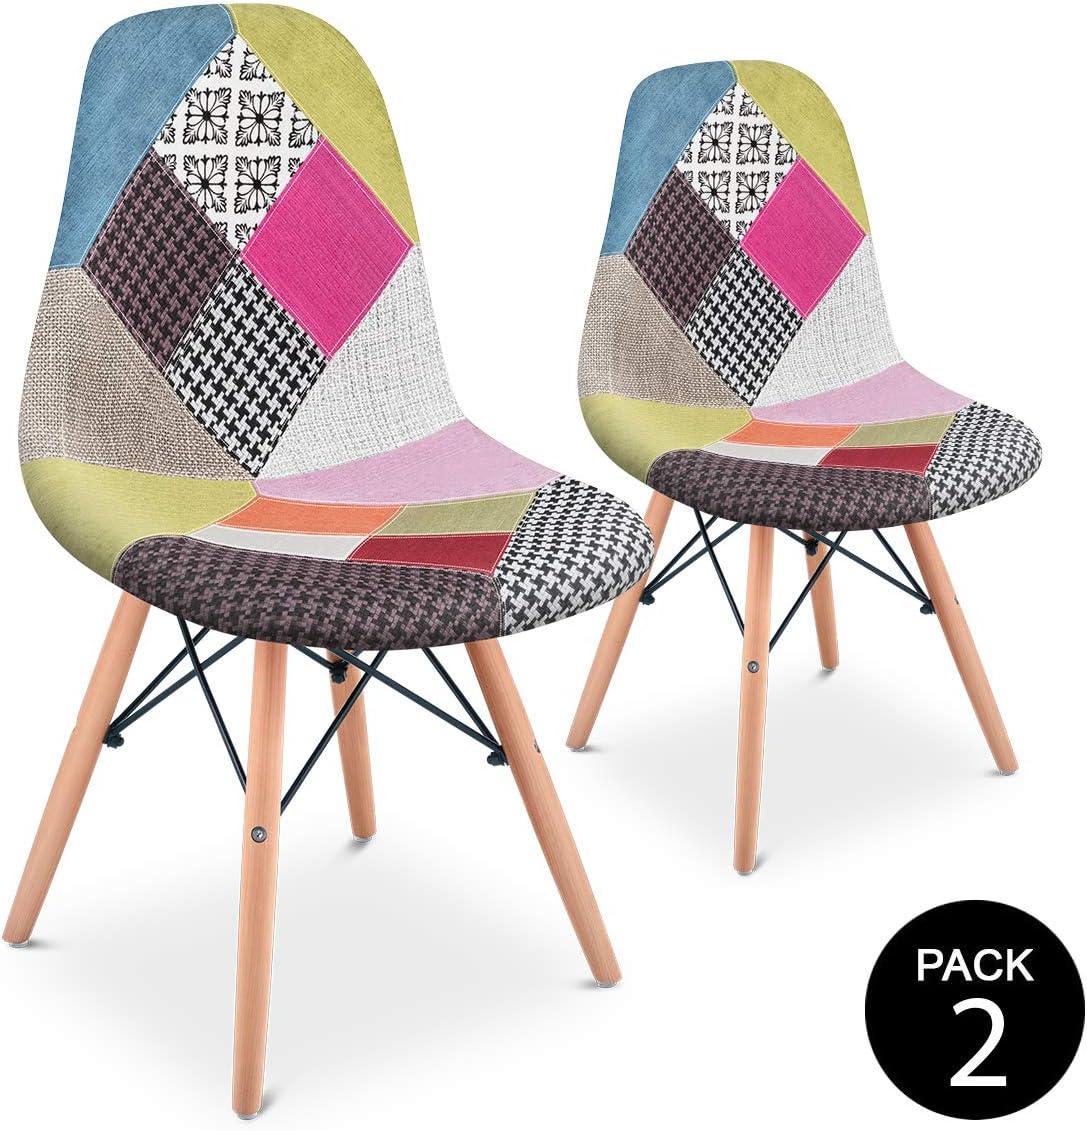 Mc Haus SENA Patchwork - Pack 2 Sillas comedor vintage patchwork tower multicolor rosa diseño tapizado sillas salon estilo retro diseño tower